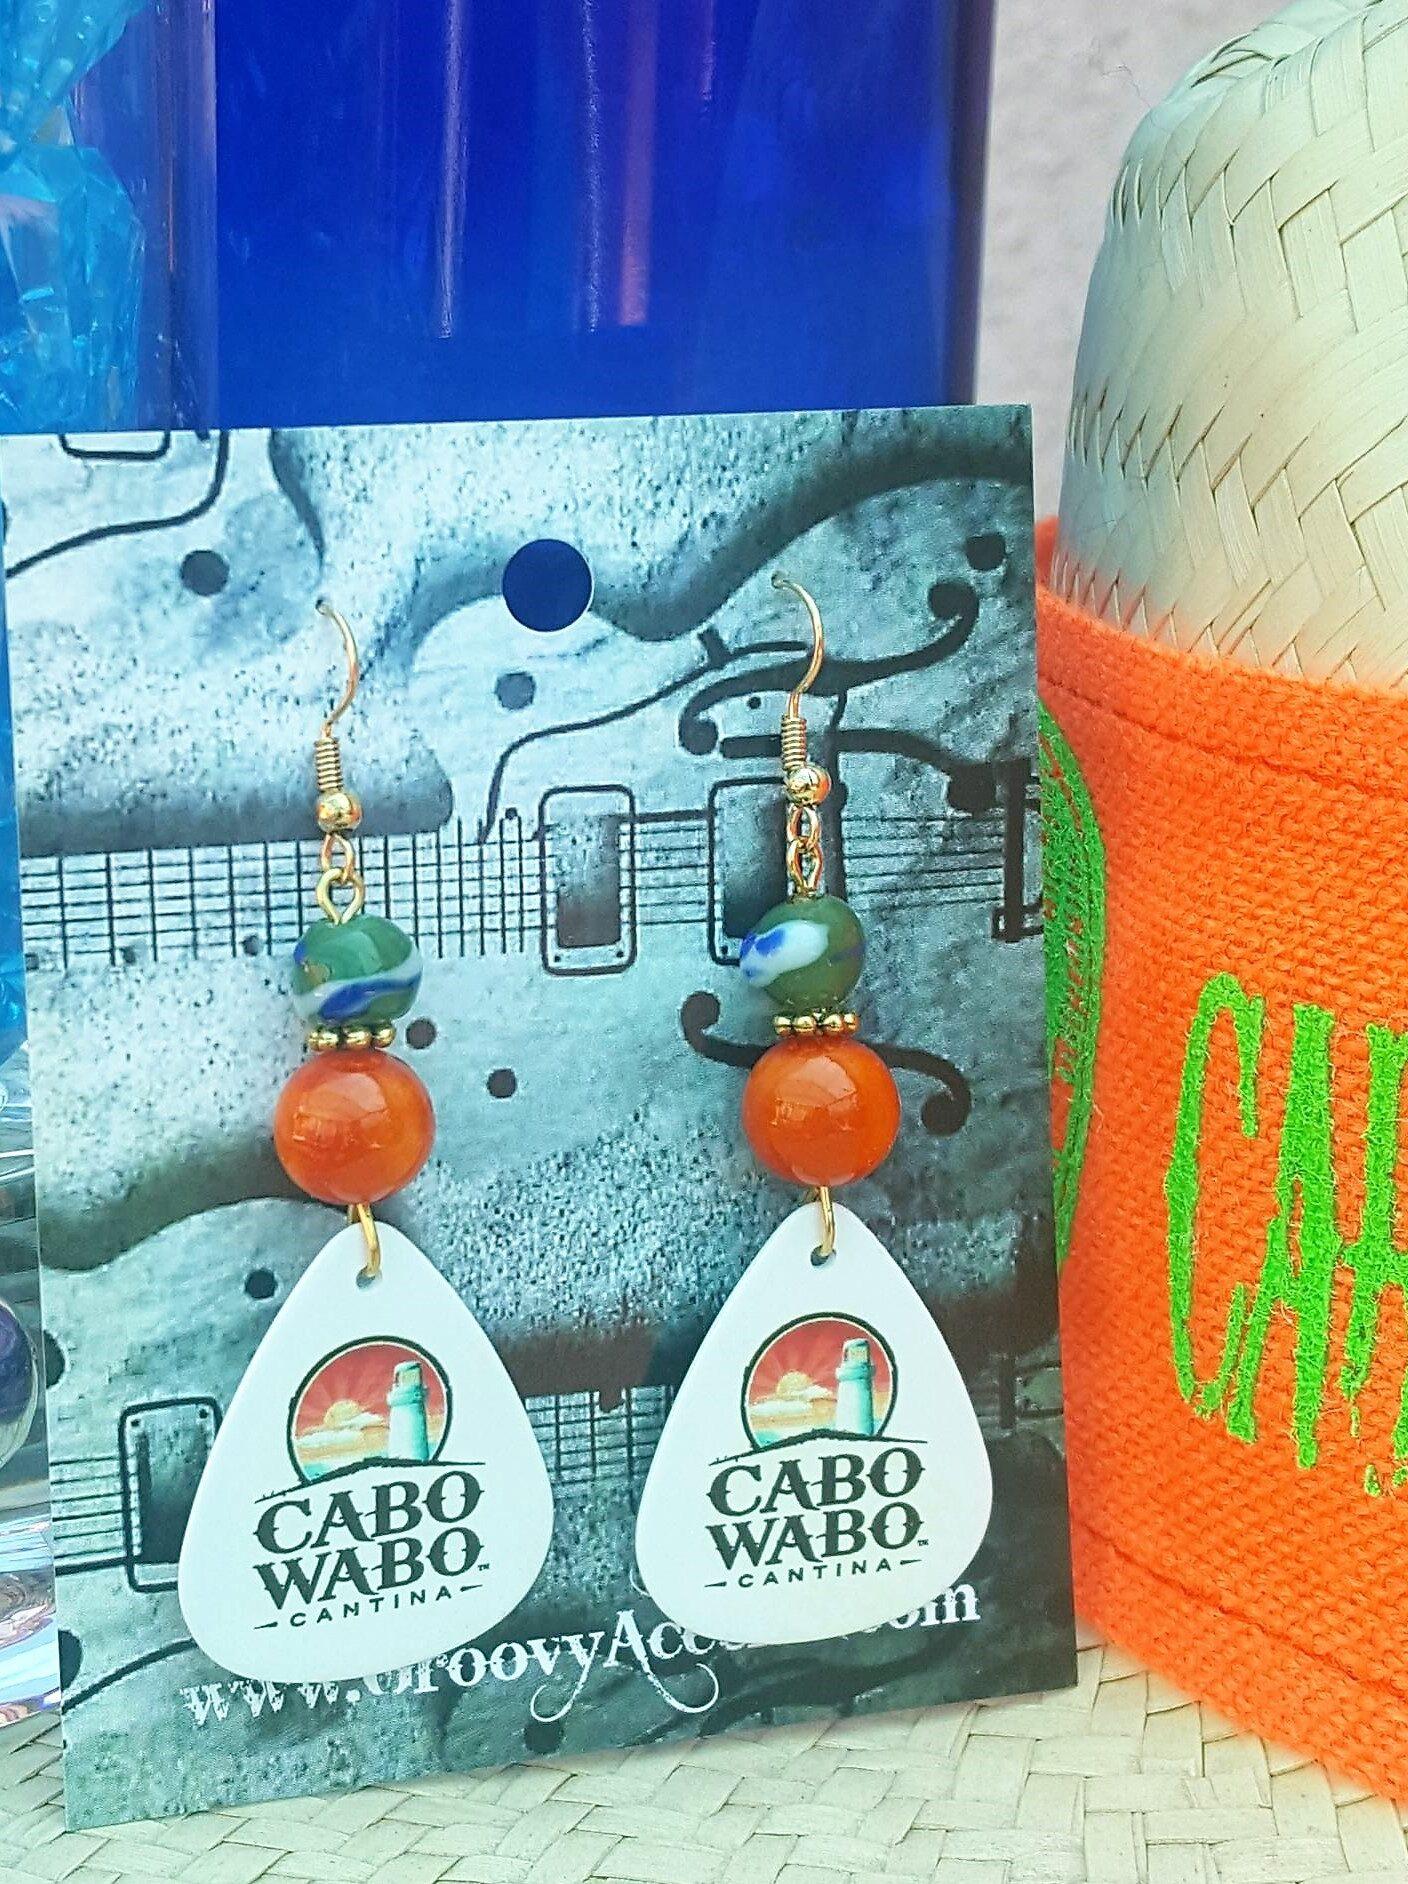 Cabo-Wabo-earrings